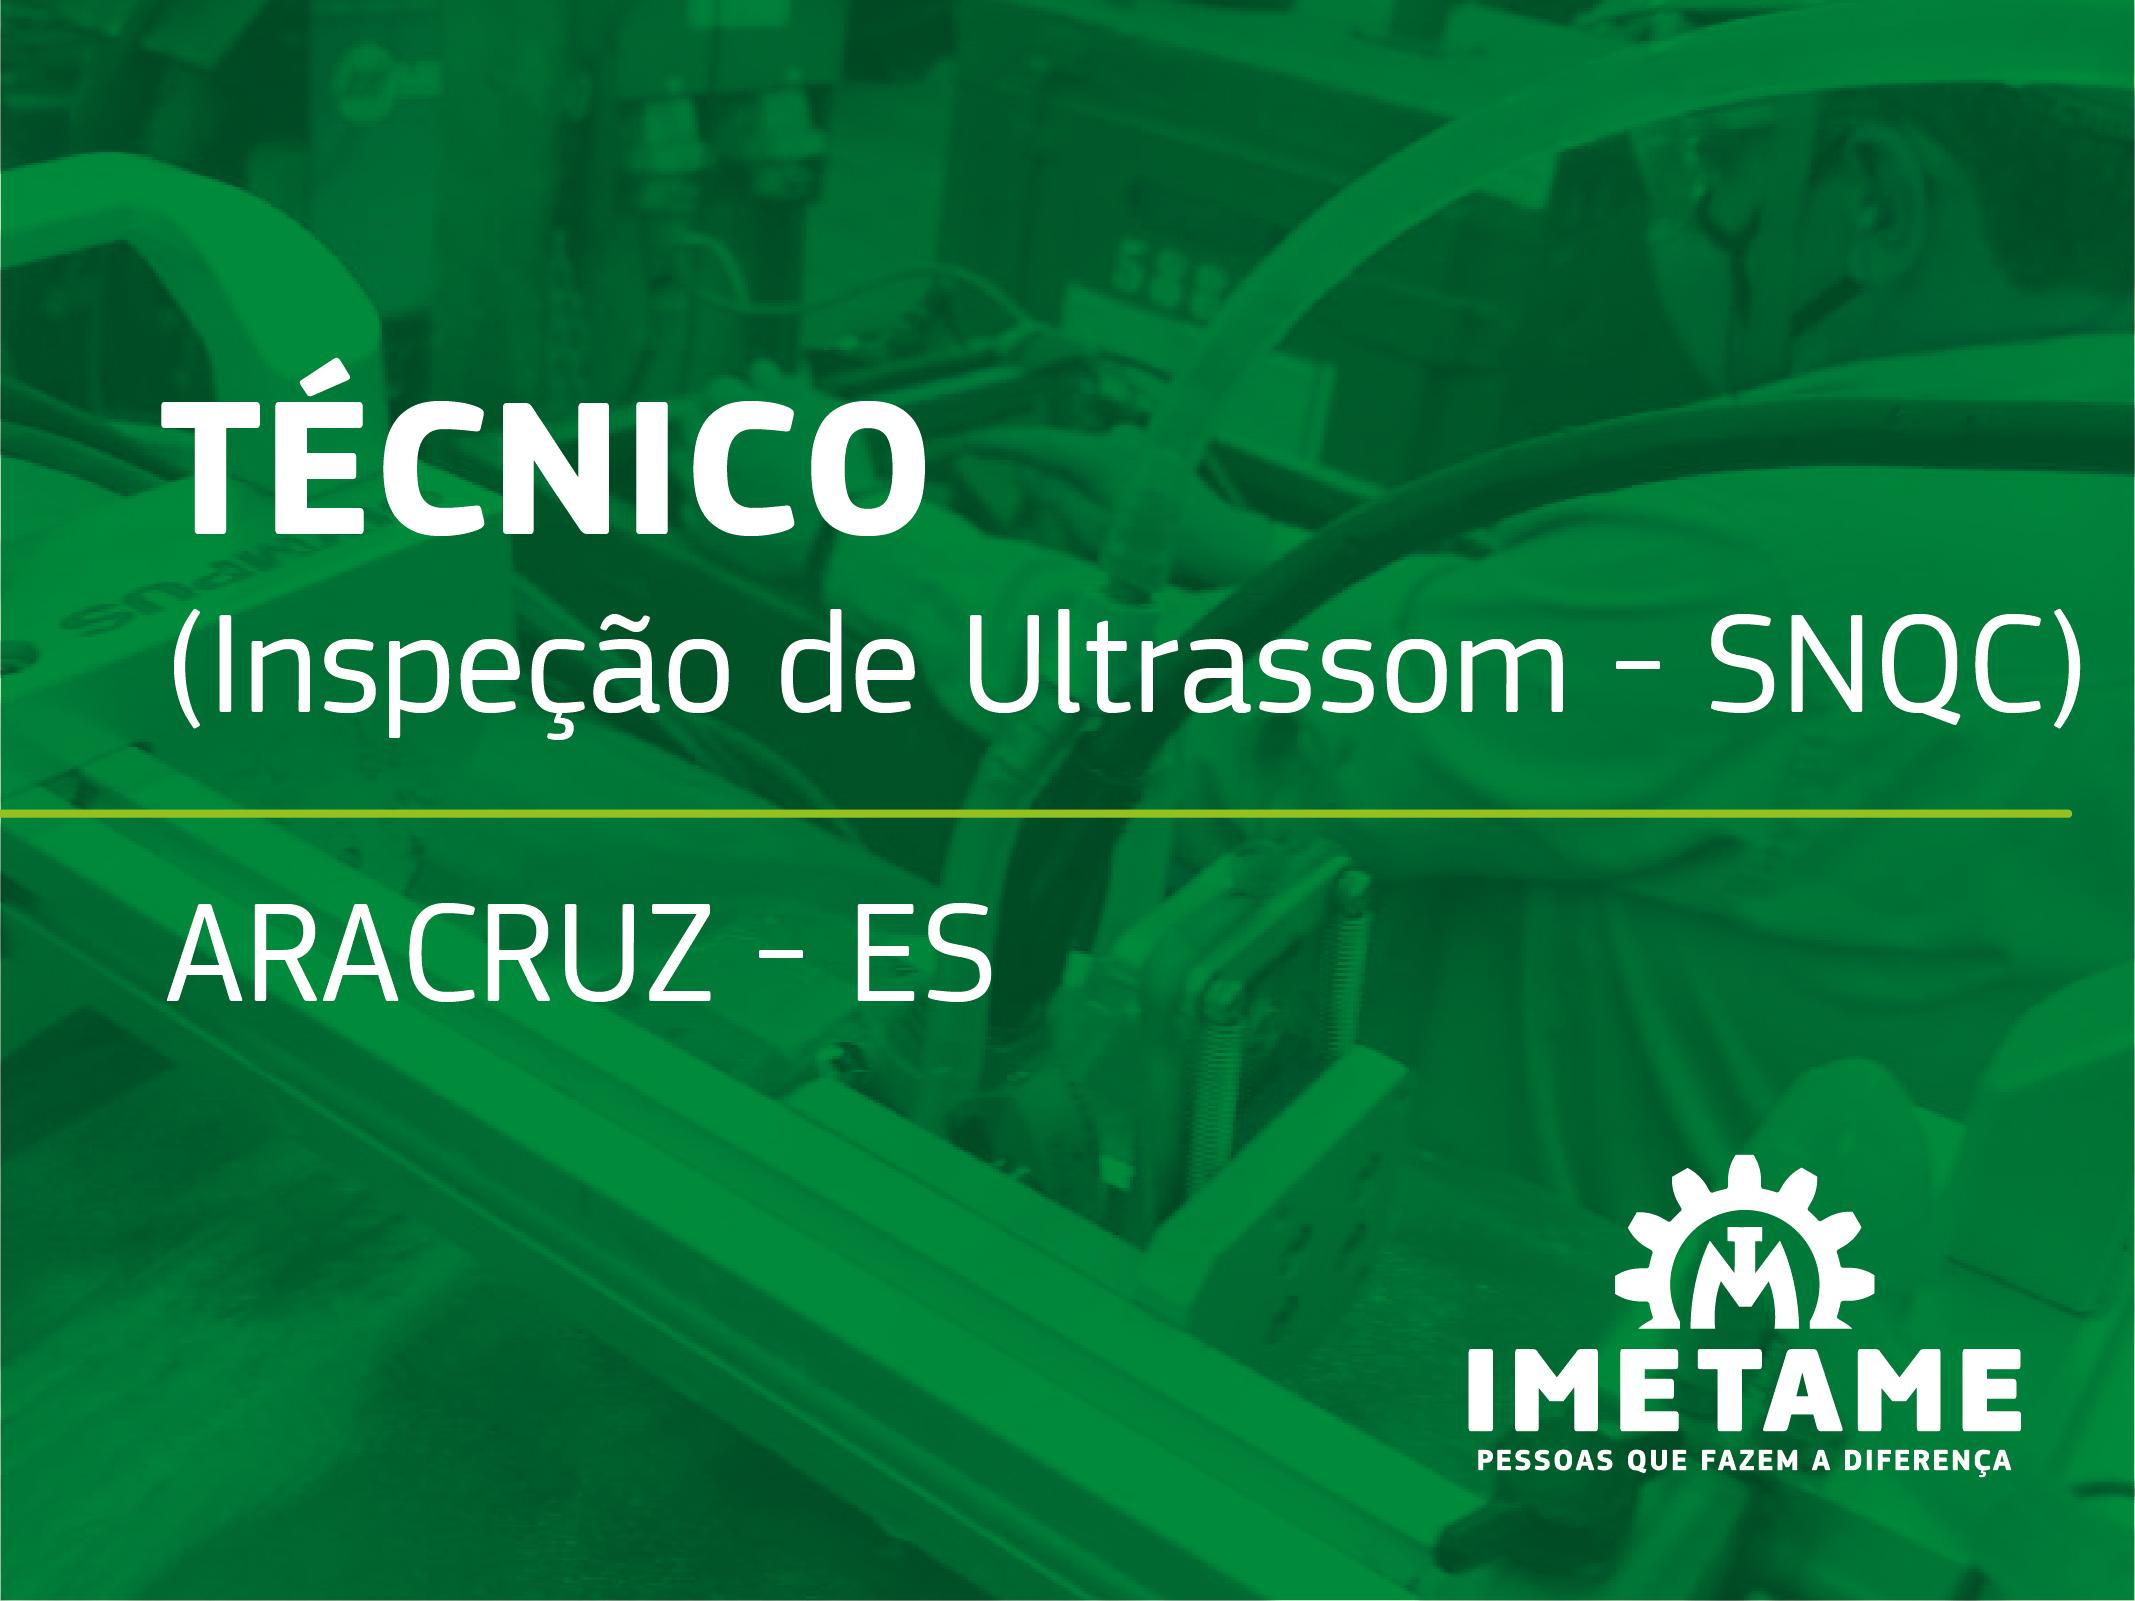 Técnico – Inspeção de Ultrassom SNQC